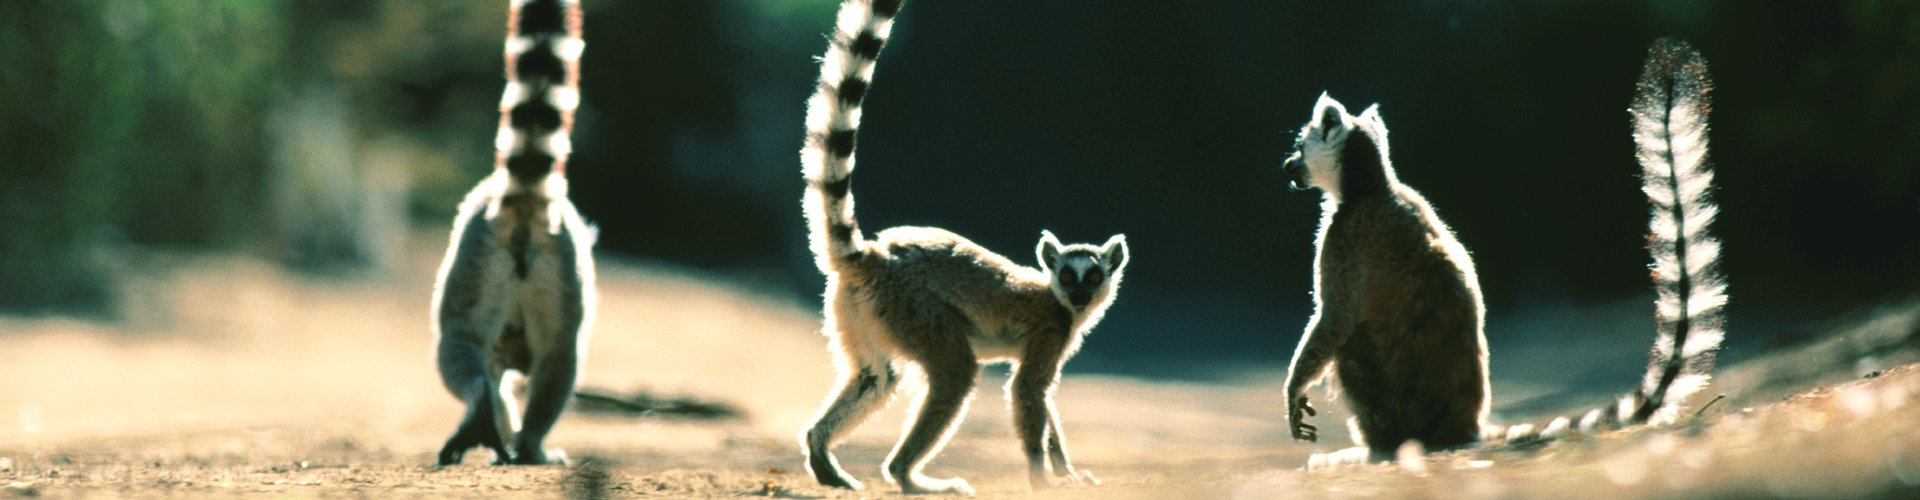 Lemeuren op Madagaskar